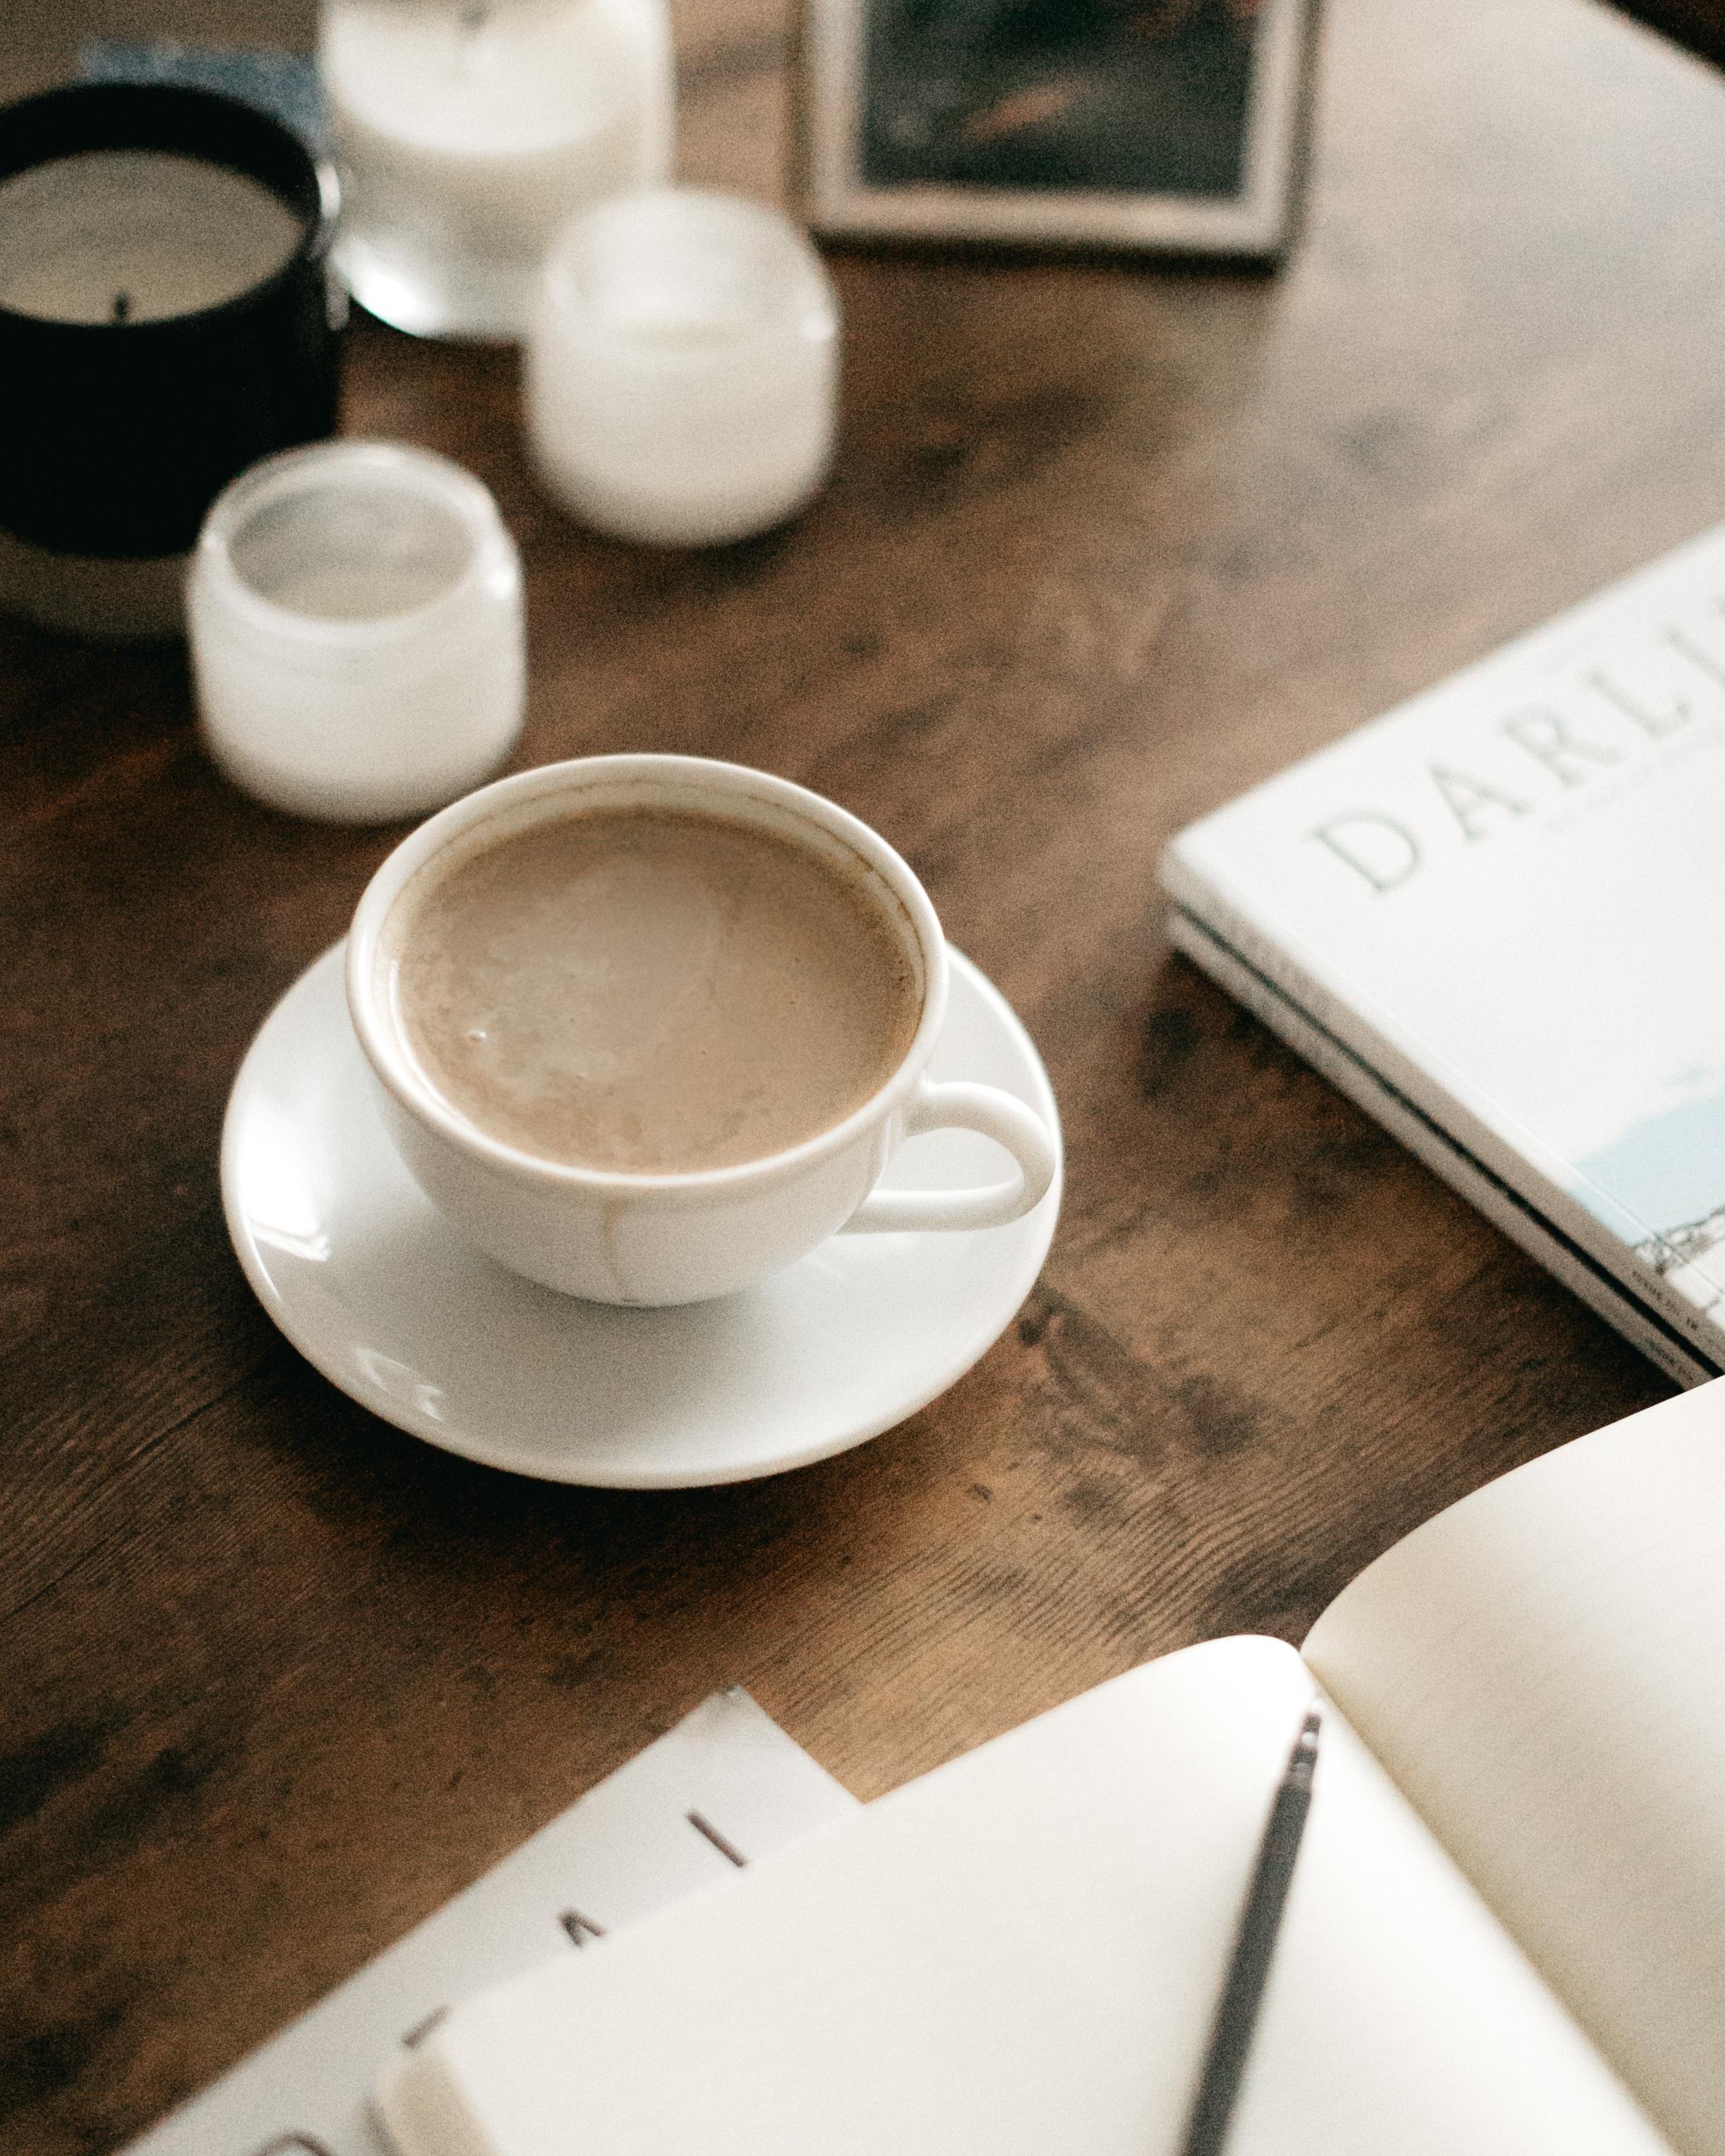 beckley+coffee+stock+photos